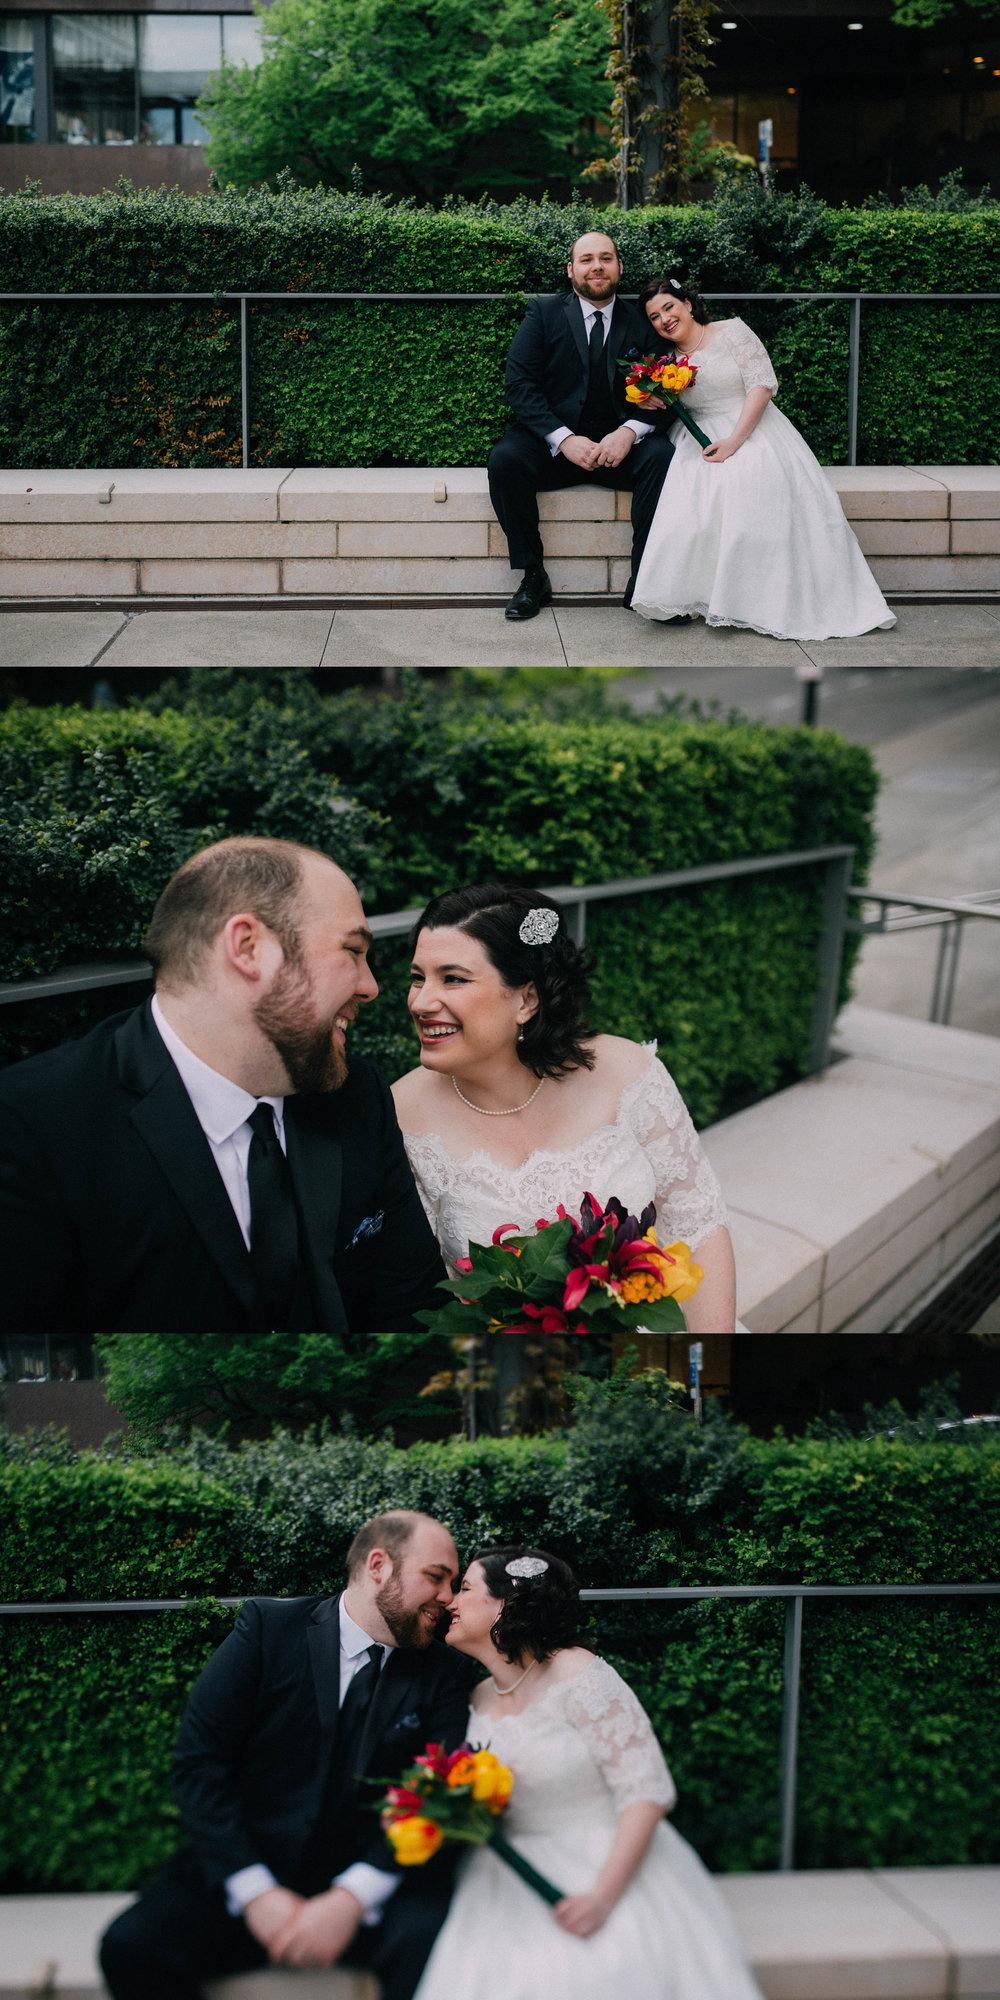 seattle washington courthouse wedding photographer elopement photographer-91.jpg